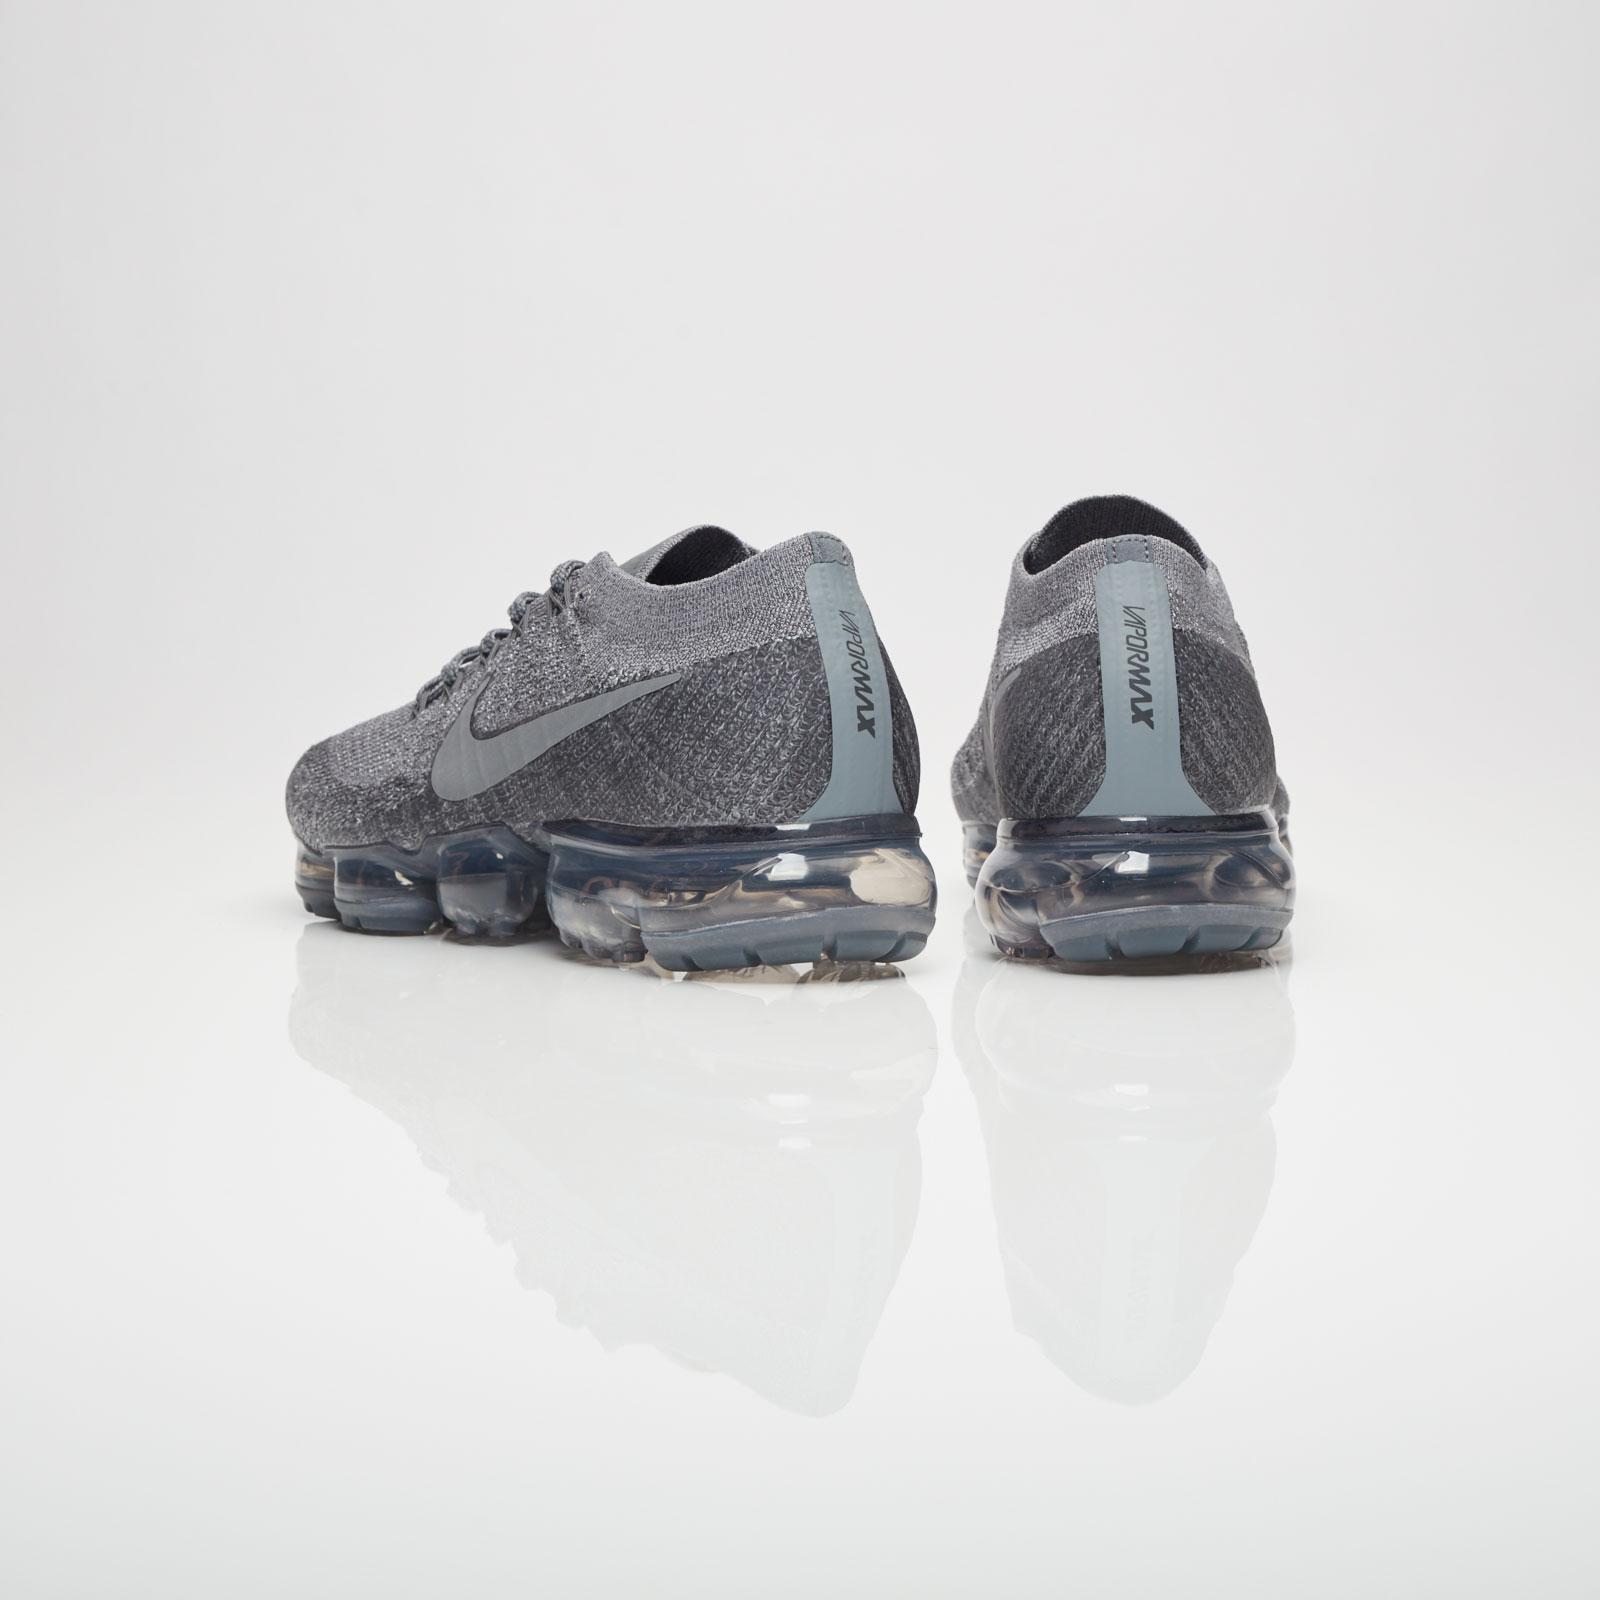 b2008c054584e Nike NikeLab Air Vapormax Flyknit - 899473-005 - Sneakersnstuff   sneakers  & streetwear online since 1999